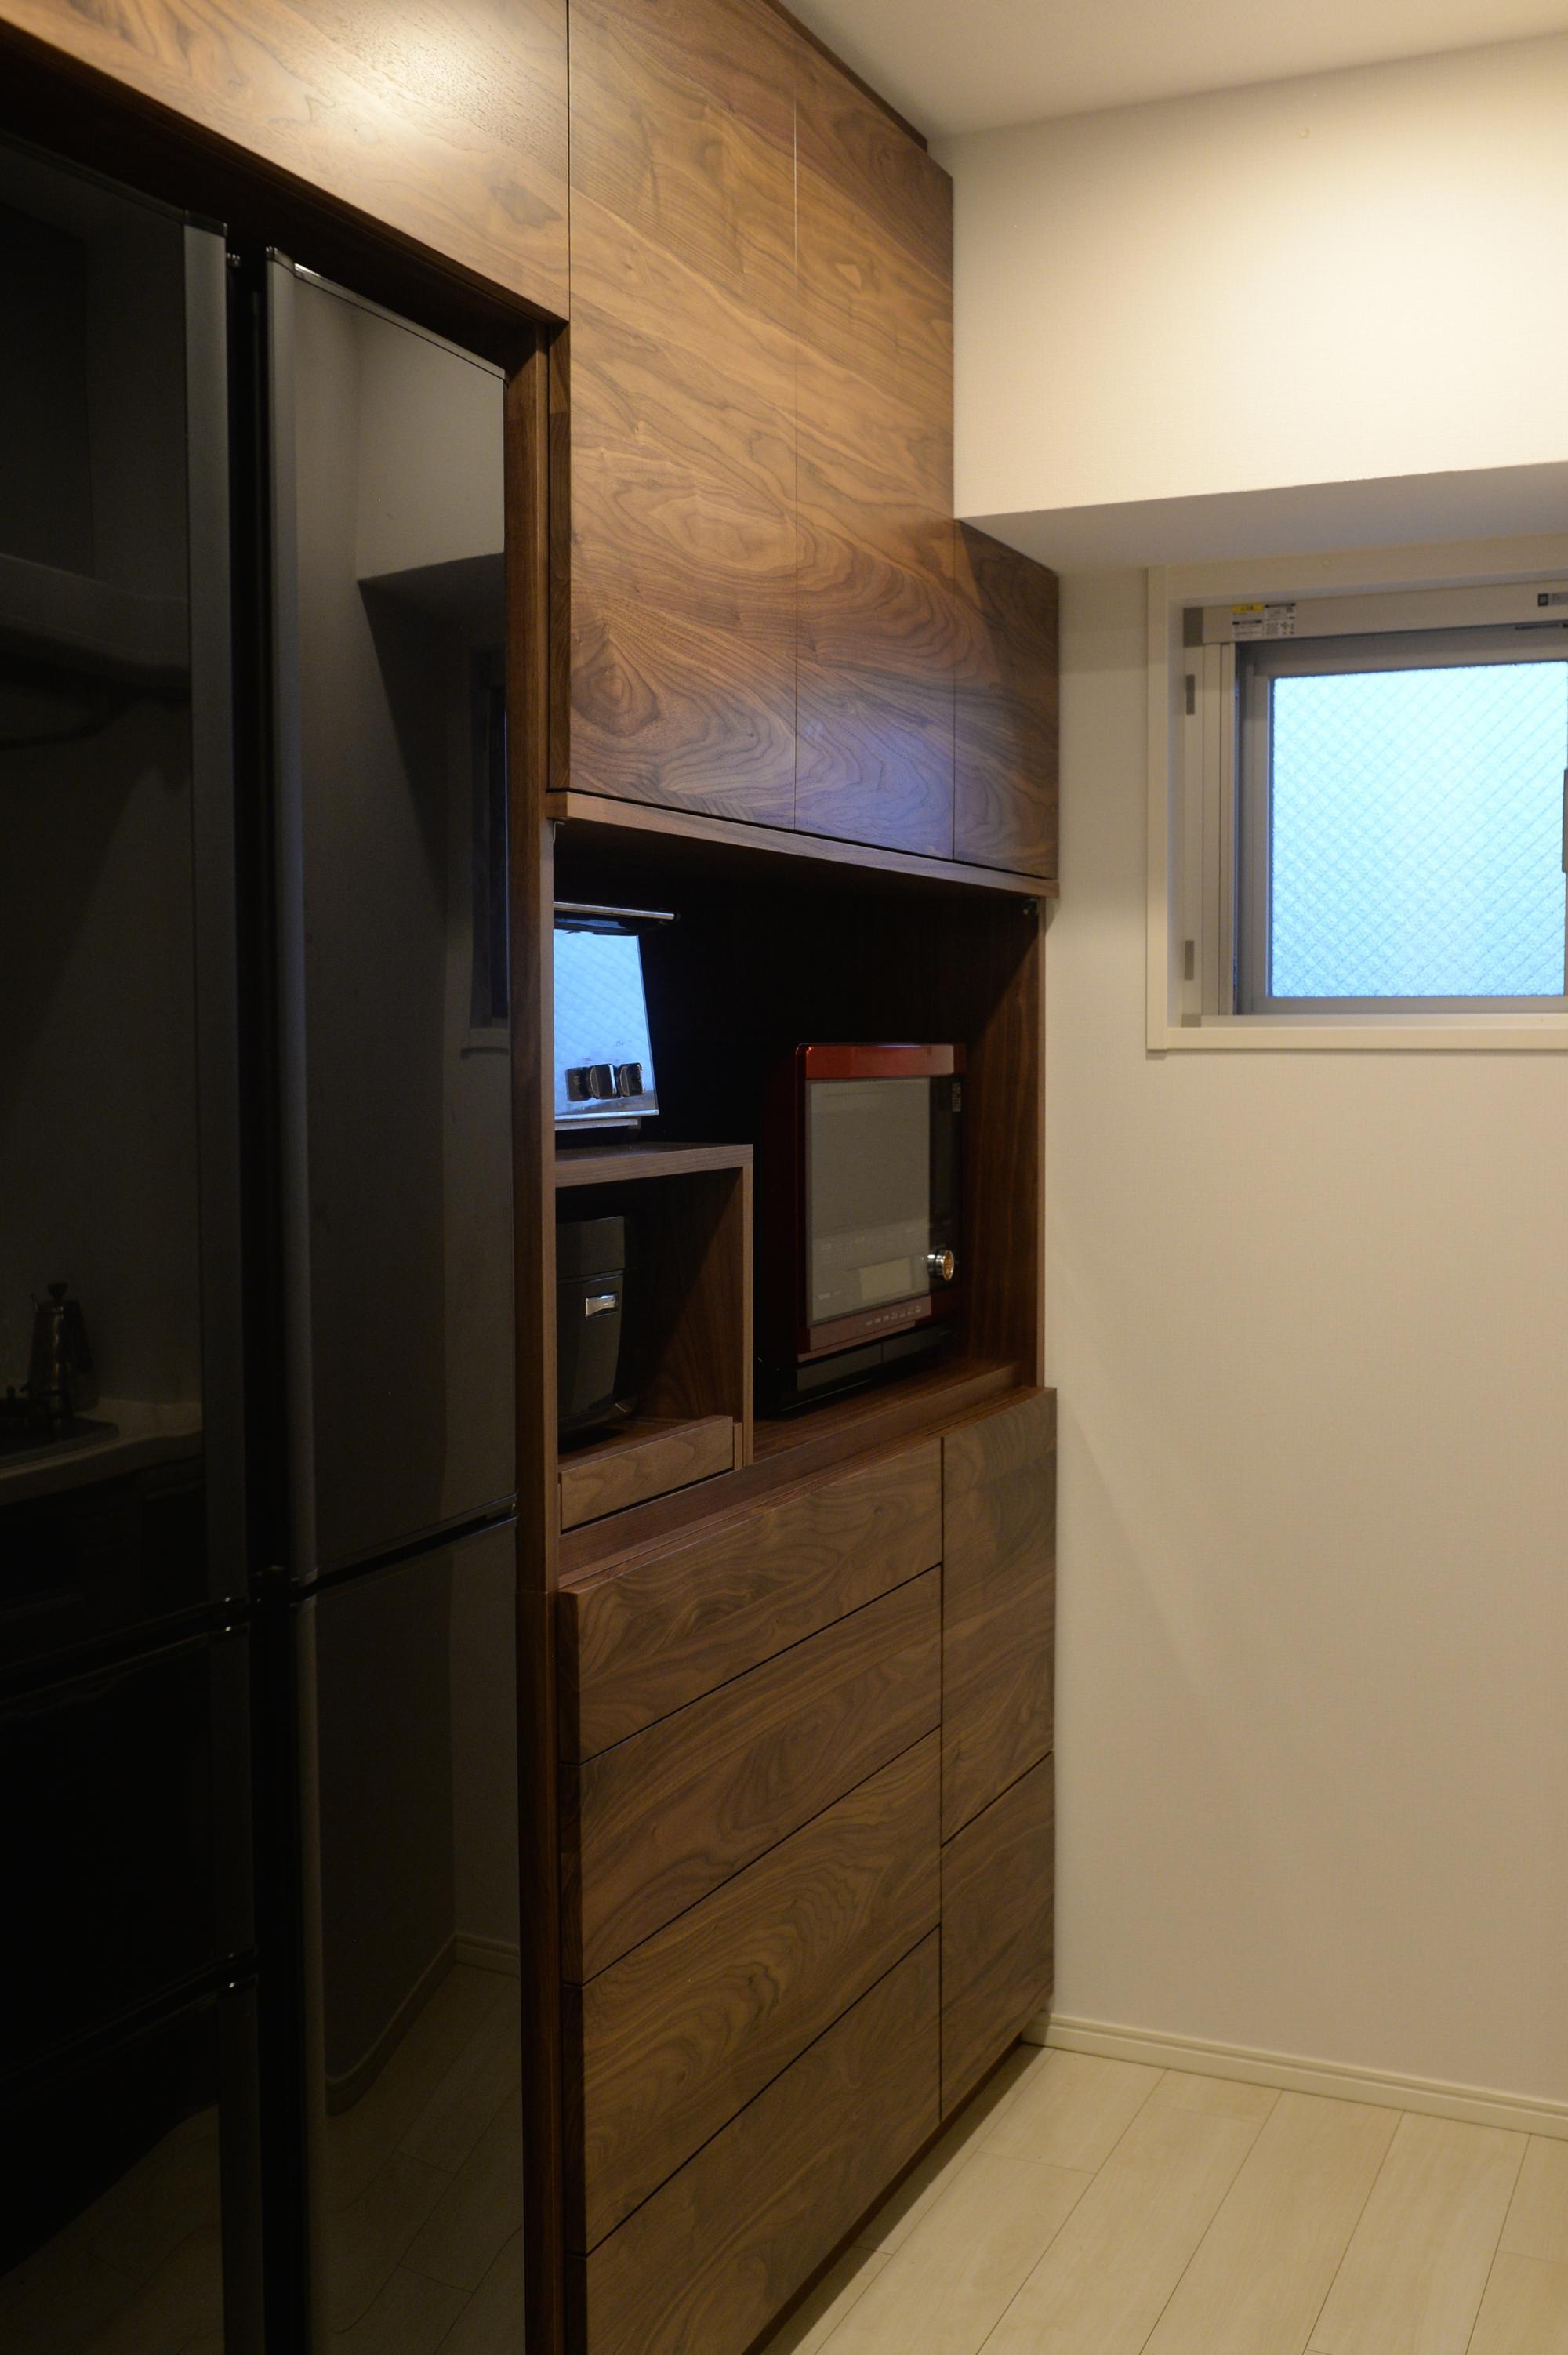 ウォールナット 食器棚 カップボード オーダー家具 オプション家具